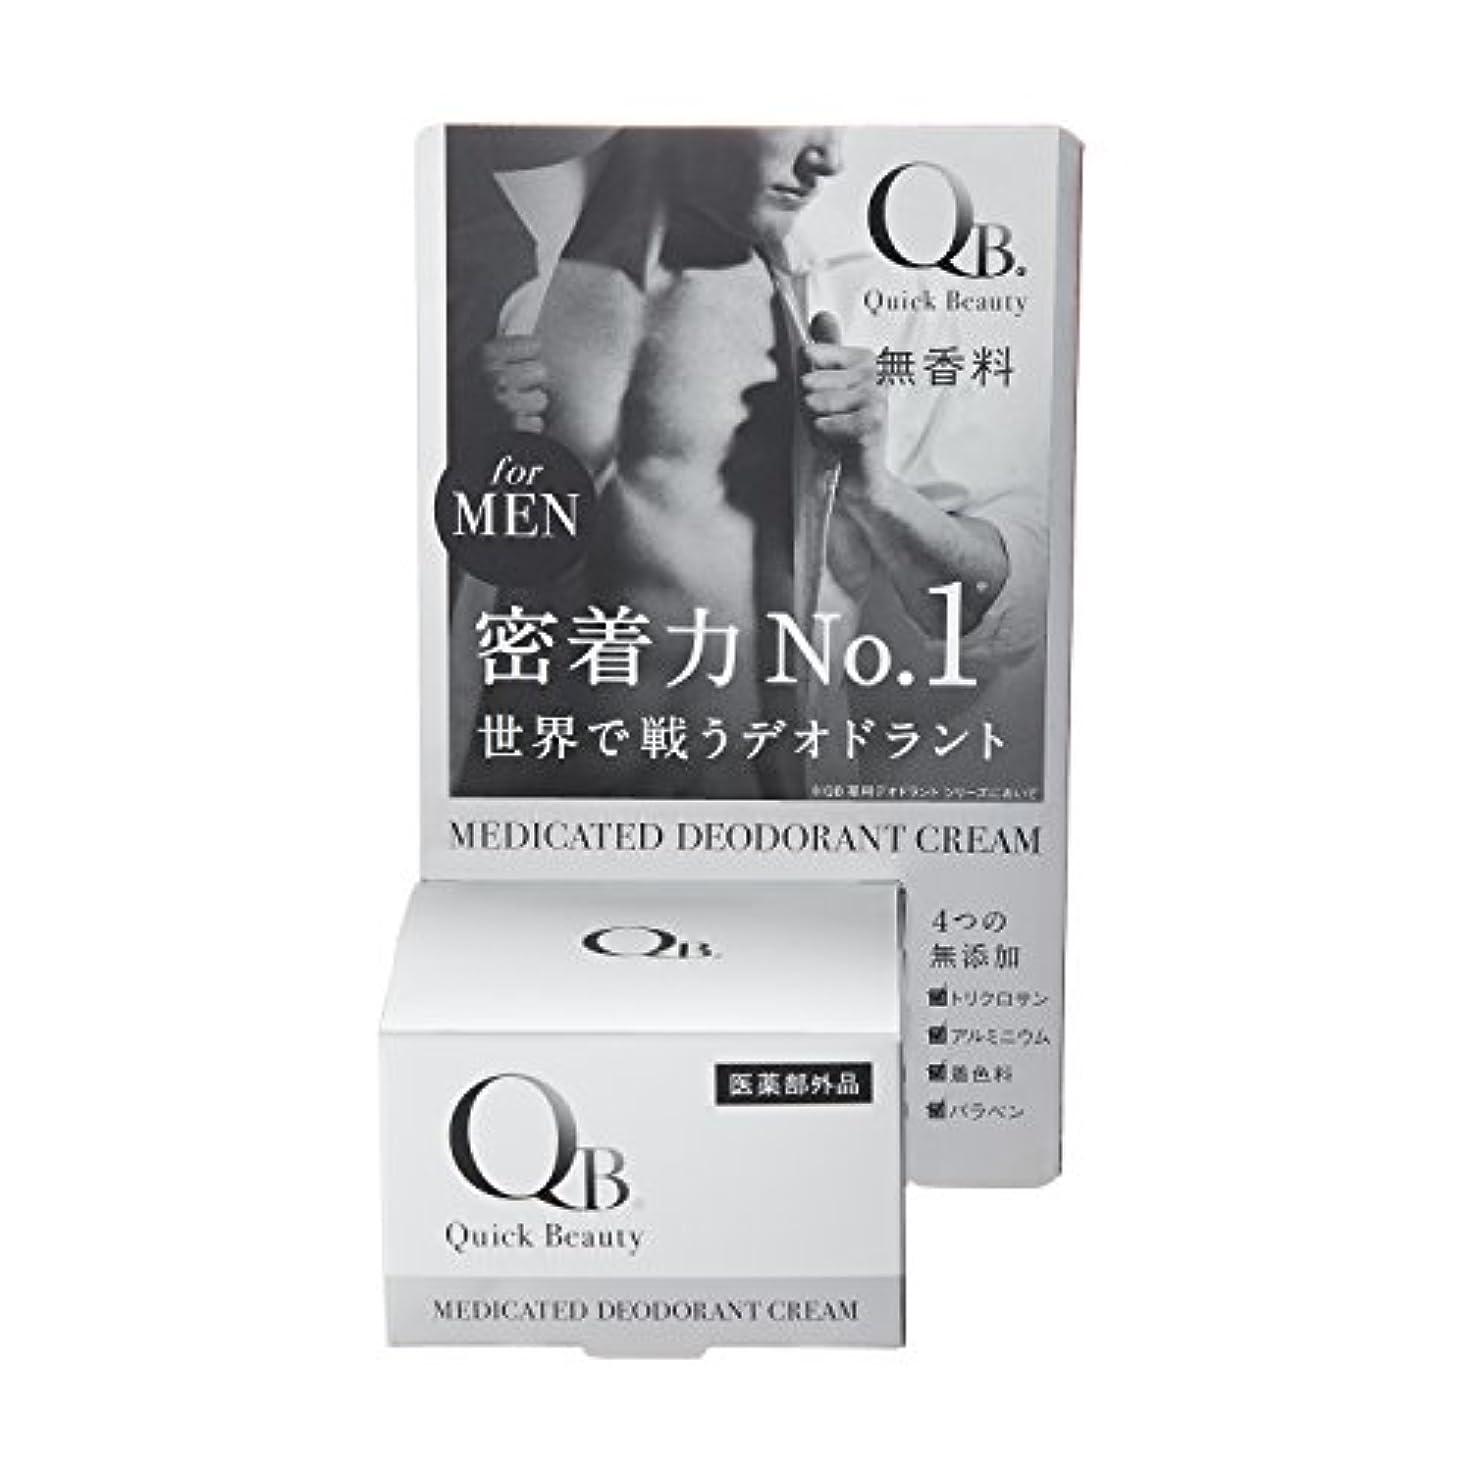 対話イソギンチャク獲物QB 薬用デオドラントクリーム メンズ 30g